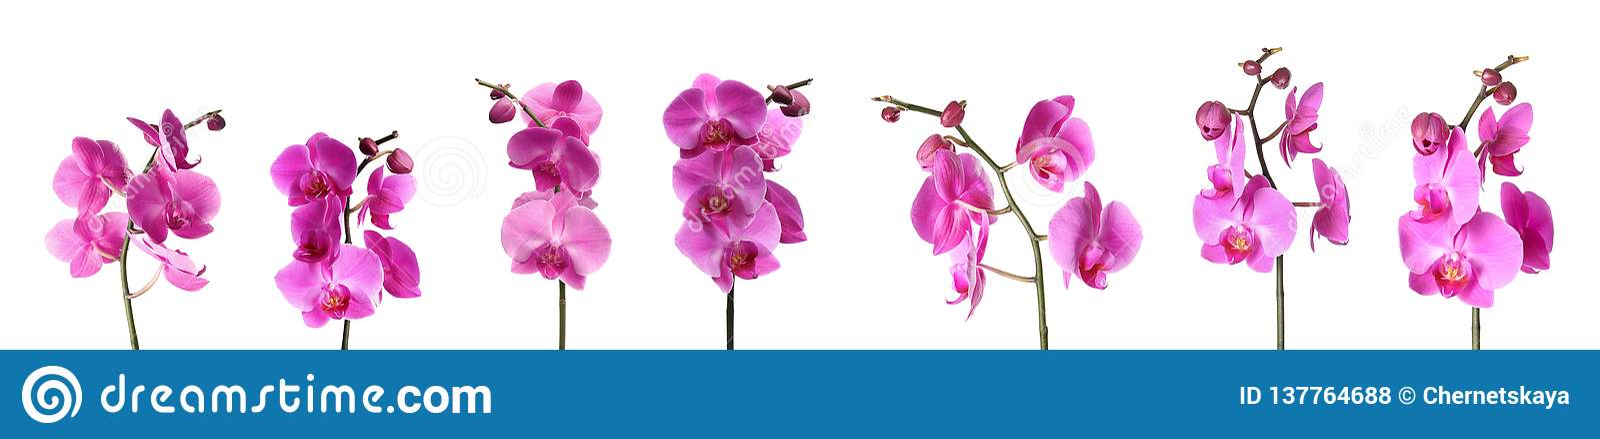 Ställ in av härliga purpurfärgade orkidéphalaenopsisblommor